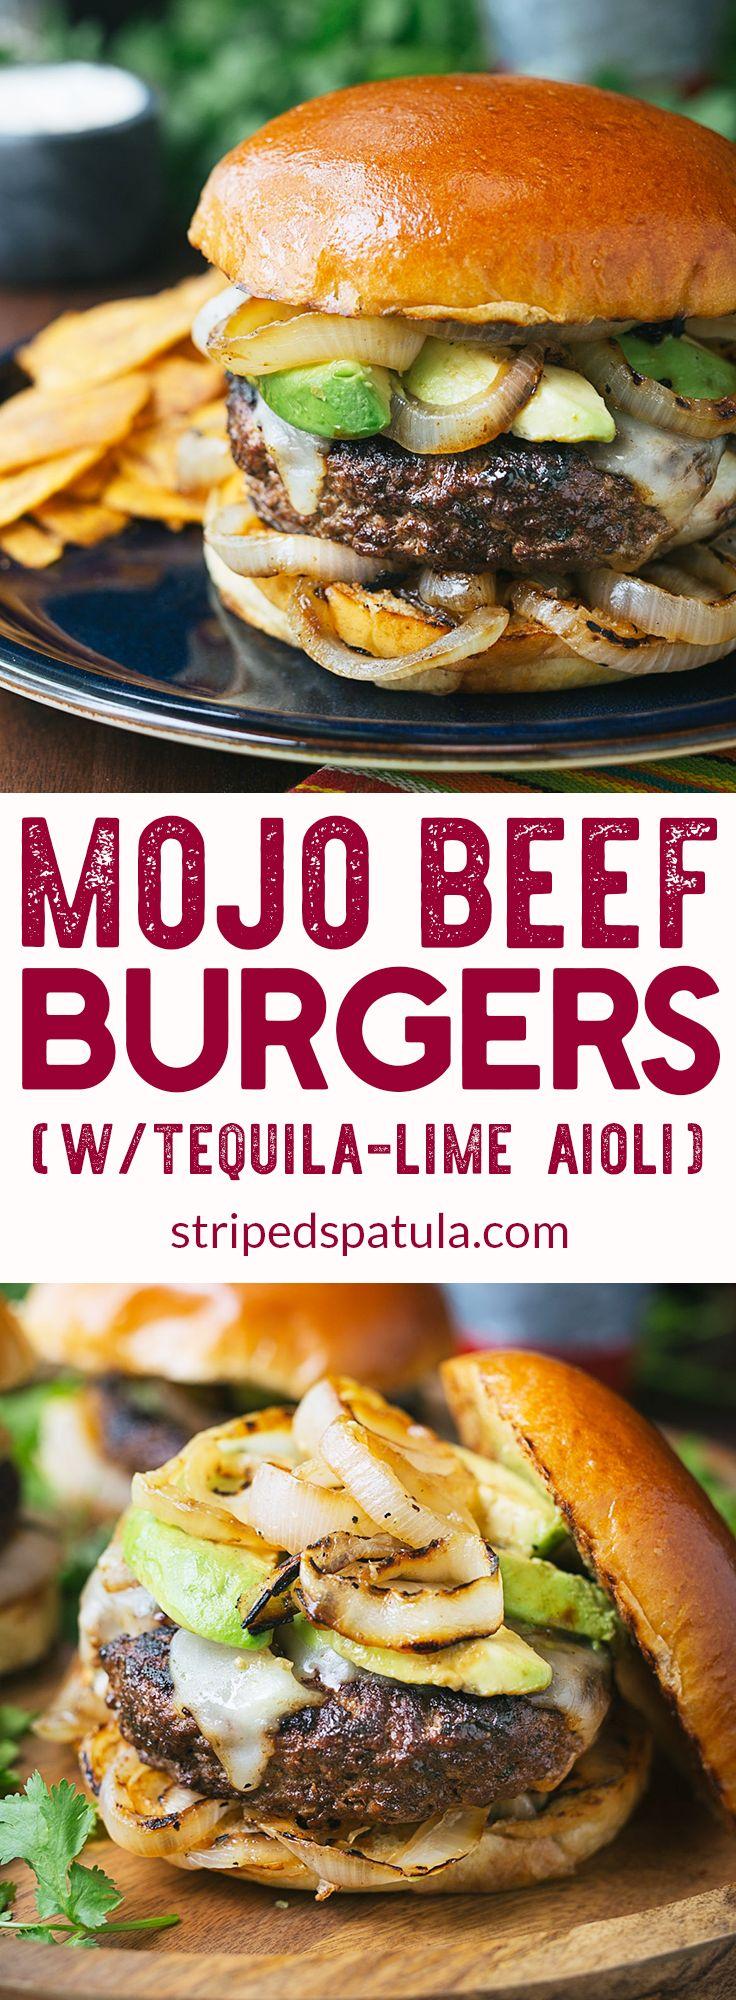 Burgers | Burger Recipes | Mojo Sauce | Grilling Recipes | Summer Recipes